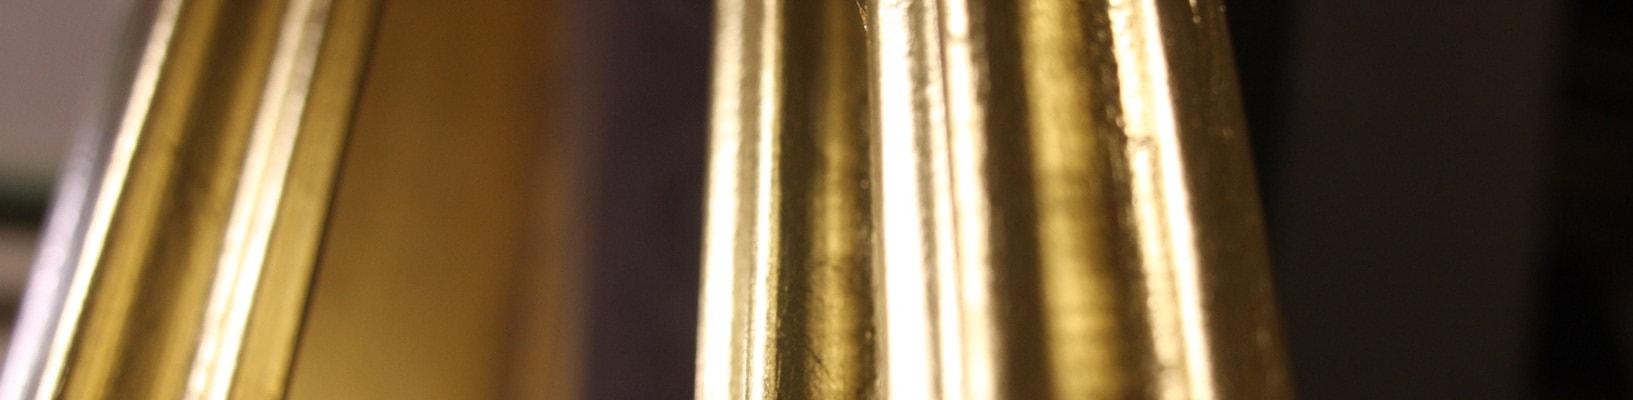 Nahaufnahme von zwei Echtgoldrahmen bei AKRS in Stuttgart